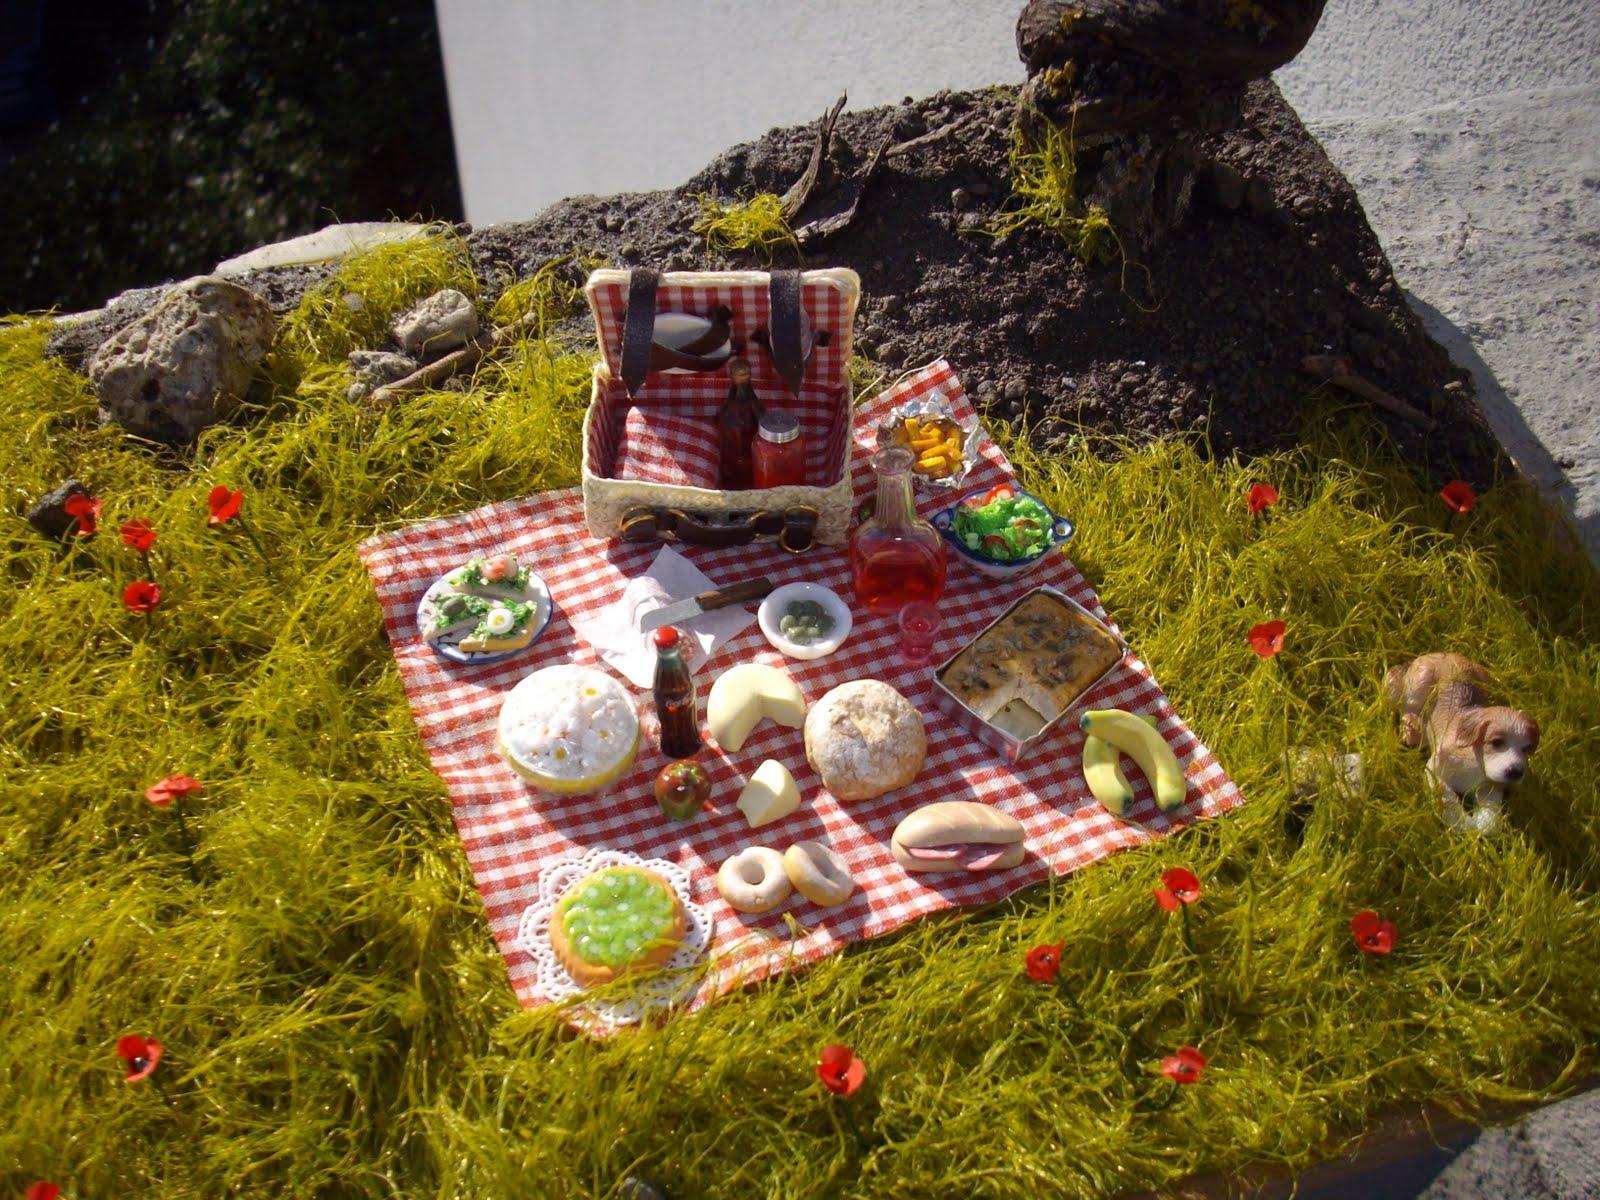 Un Pic Nic sull'erba, con il Circolo dei Lettori